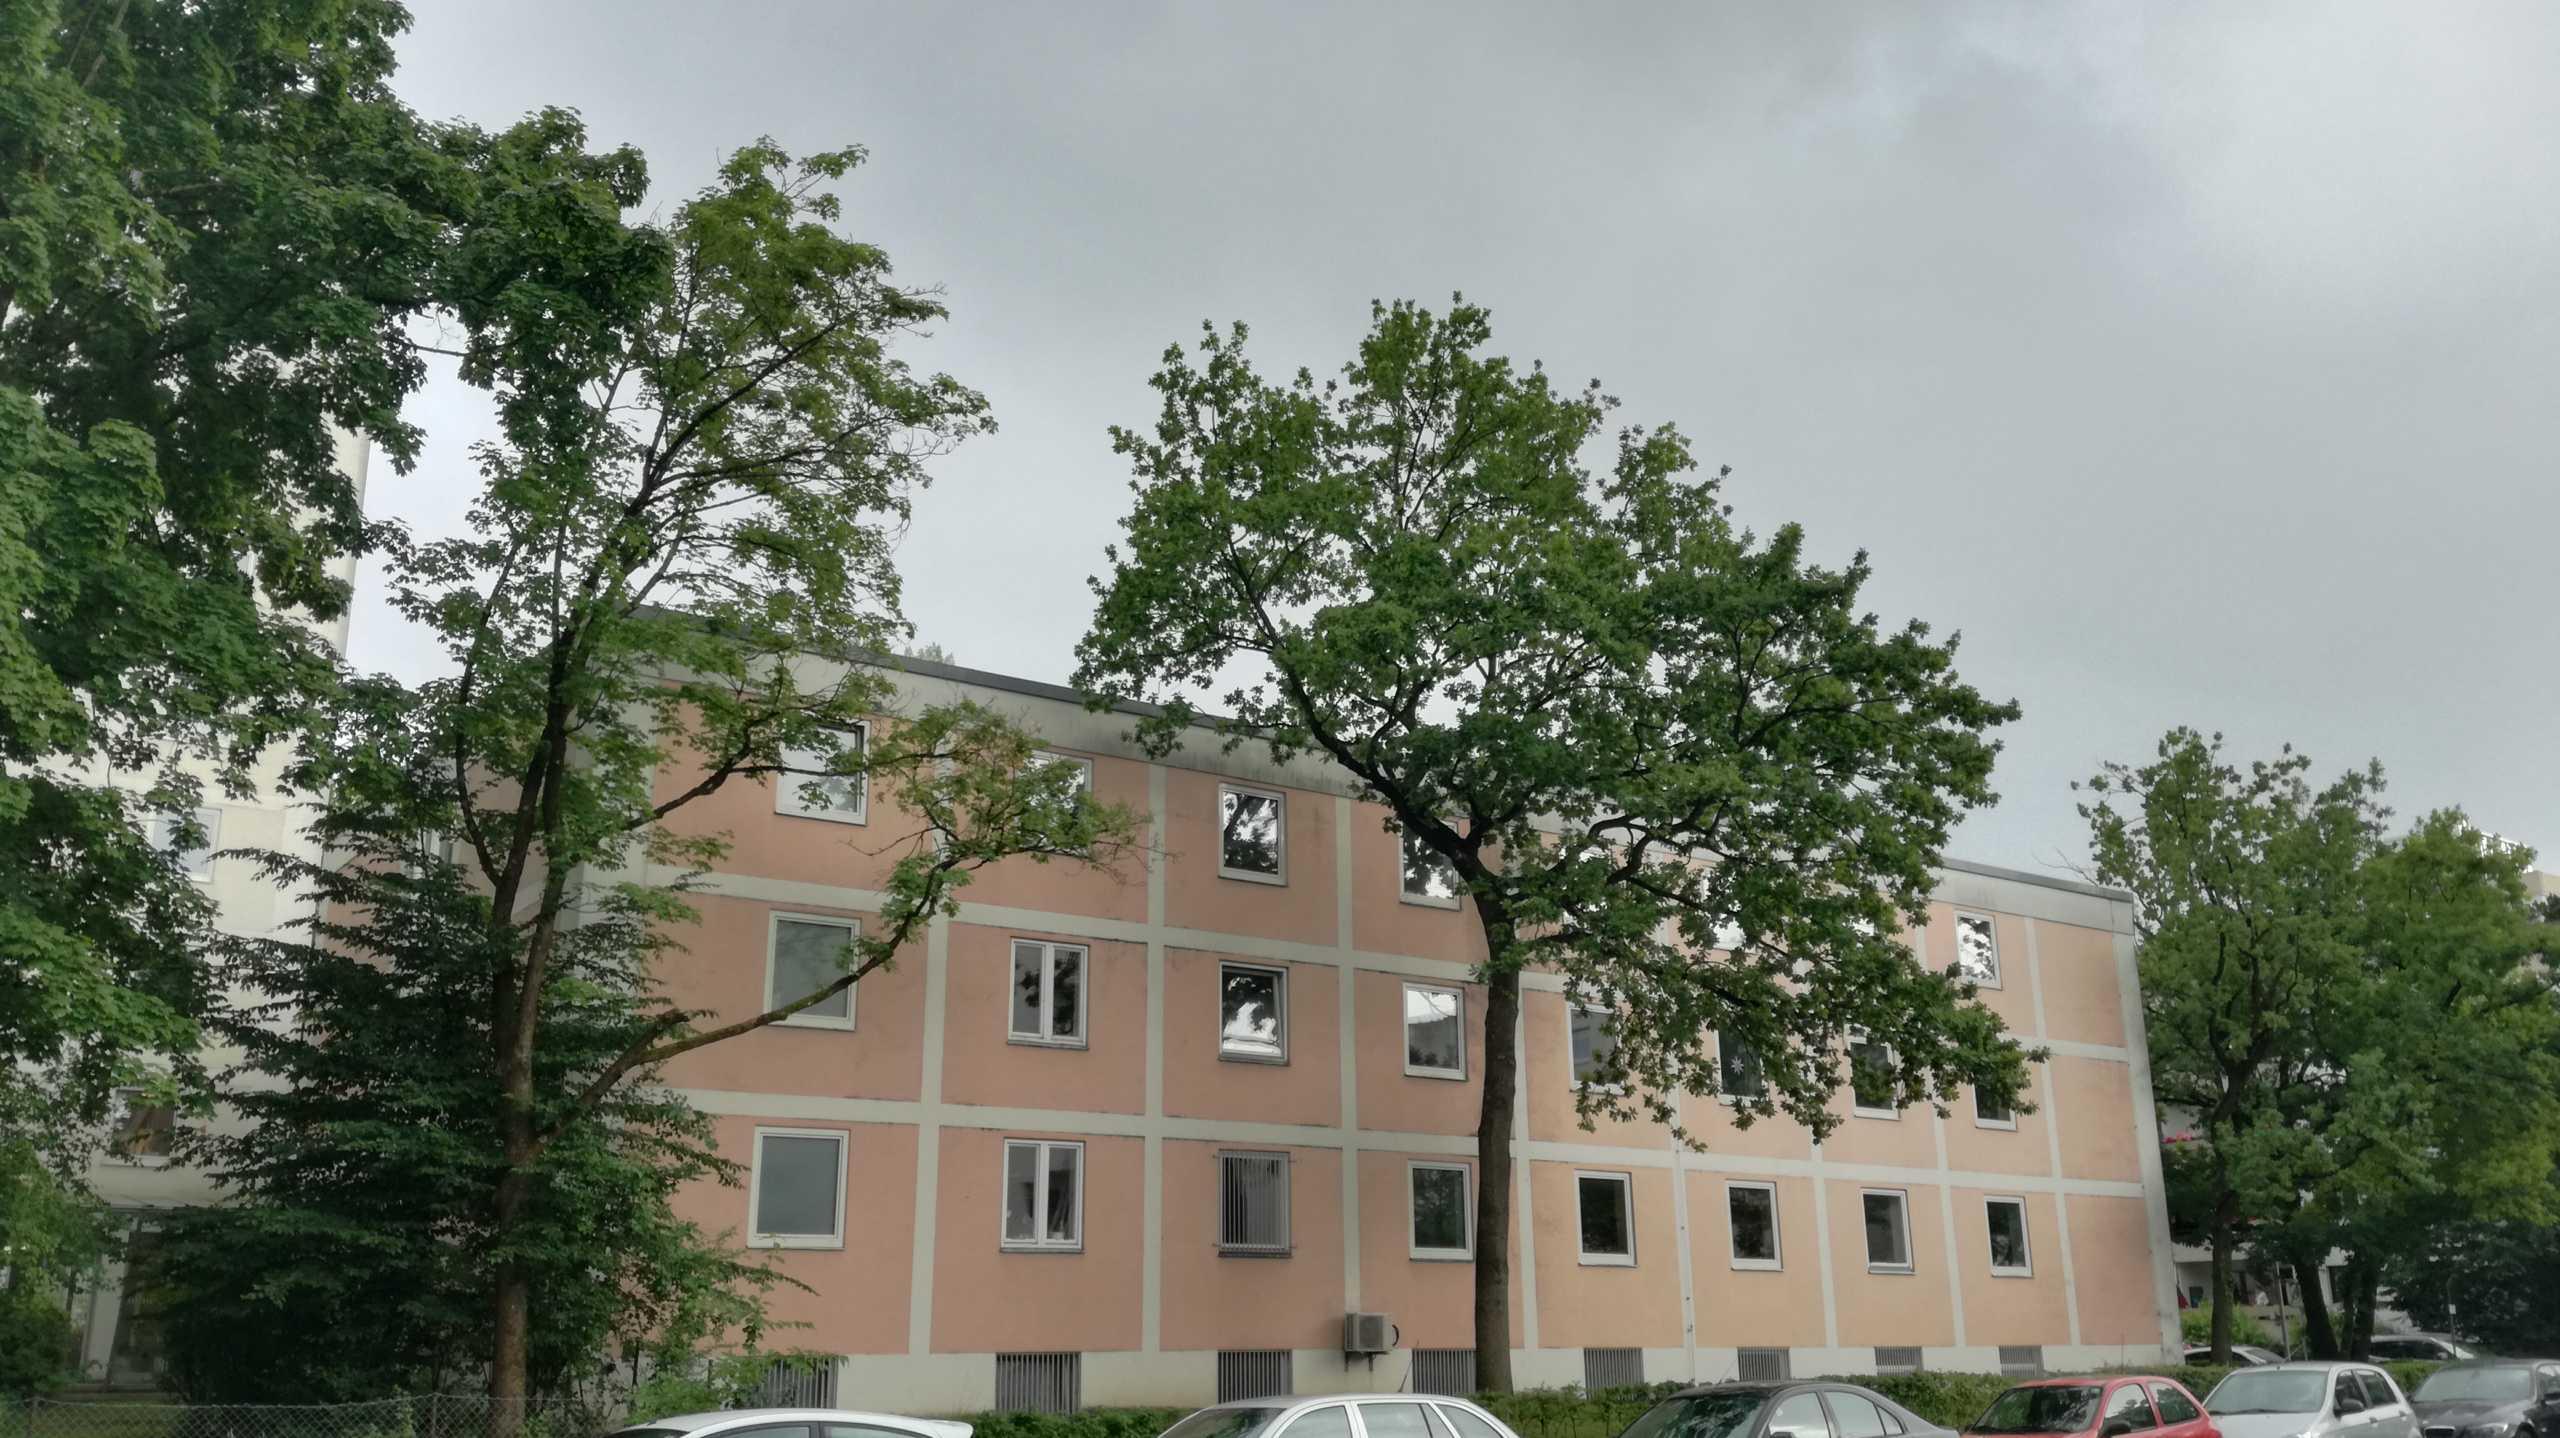 Jedes Fenster ist eine einzelne Wohnung |Johannes Ulrich Gehrke